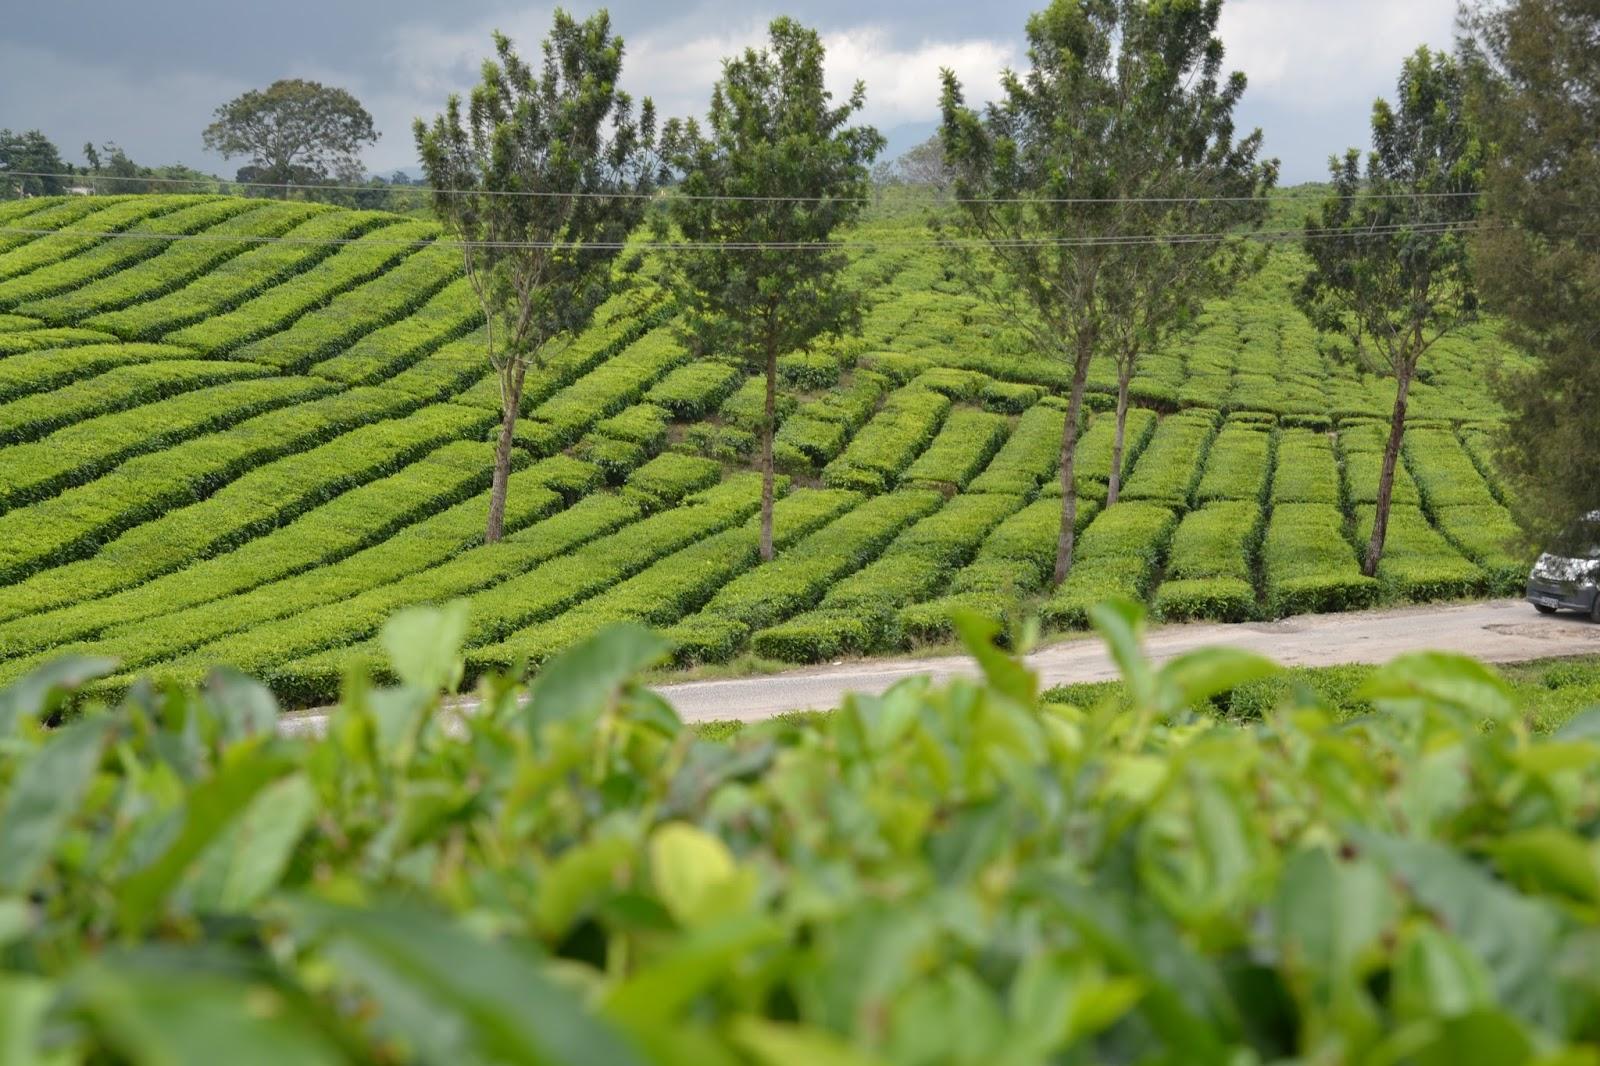 Tempat Wisata Kebun Teh Bahbutong, Sidamanik, Simalungunhana